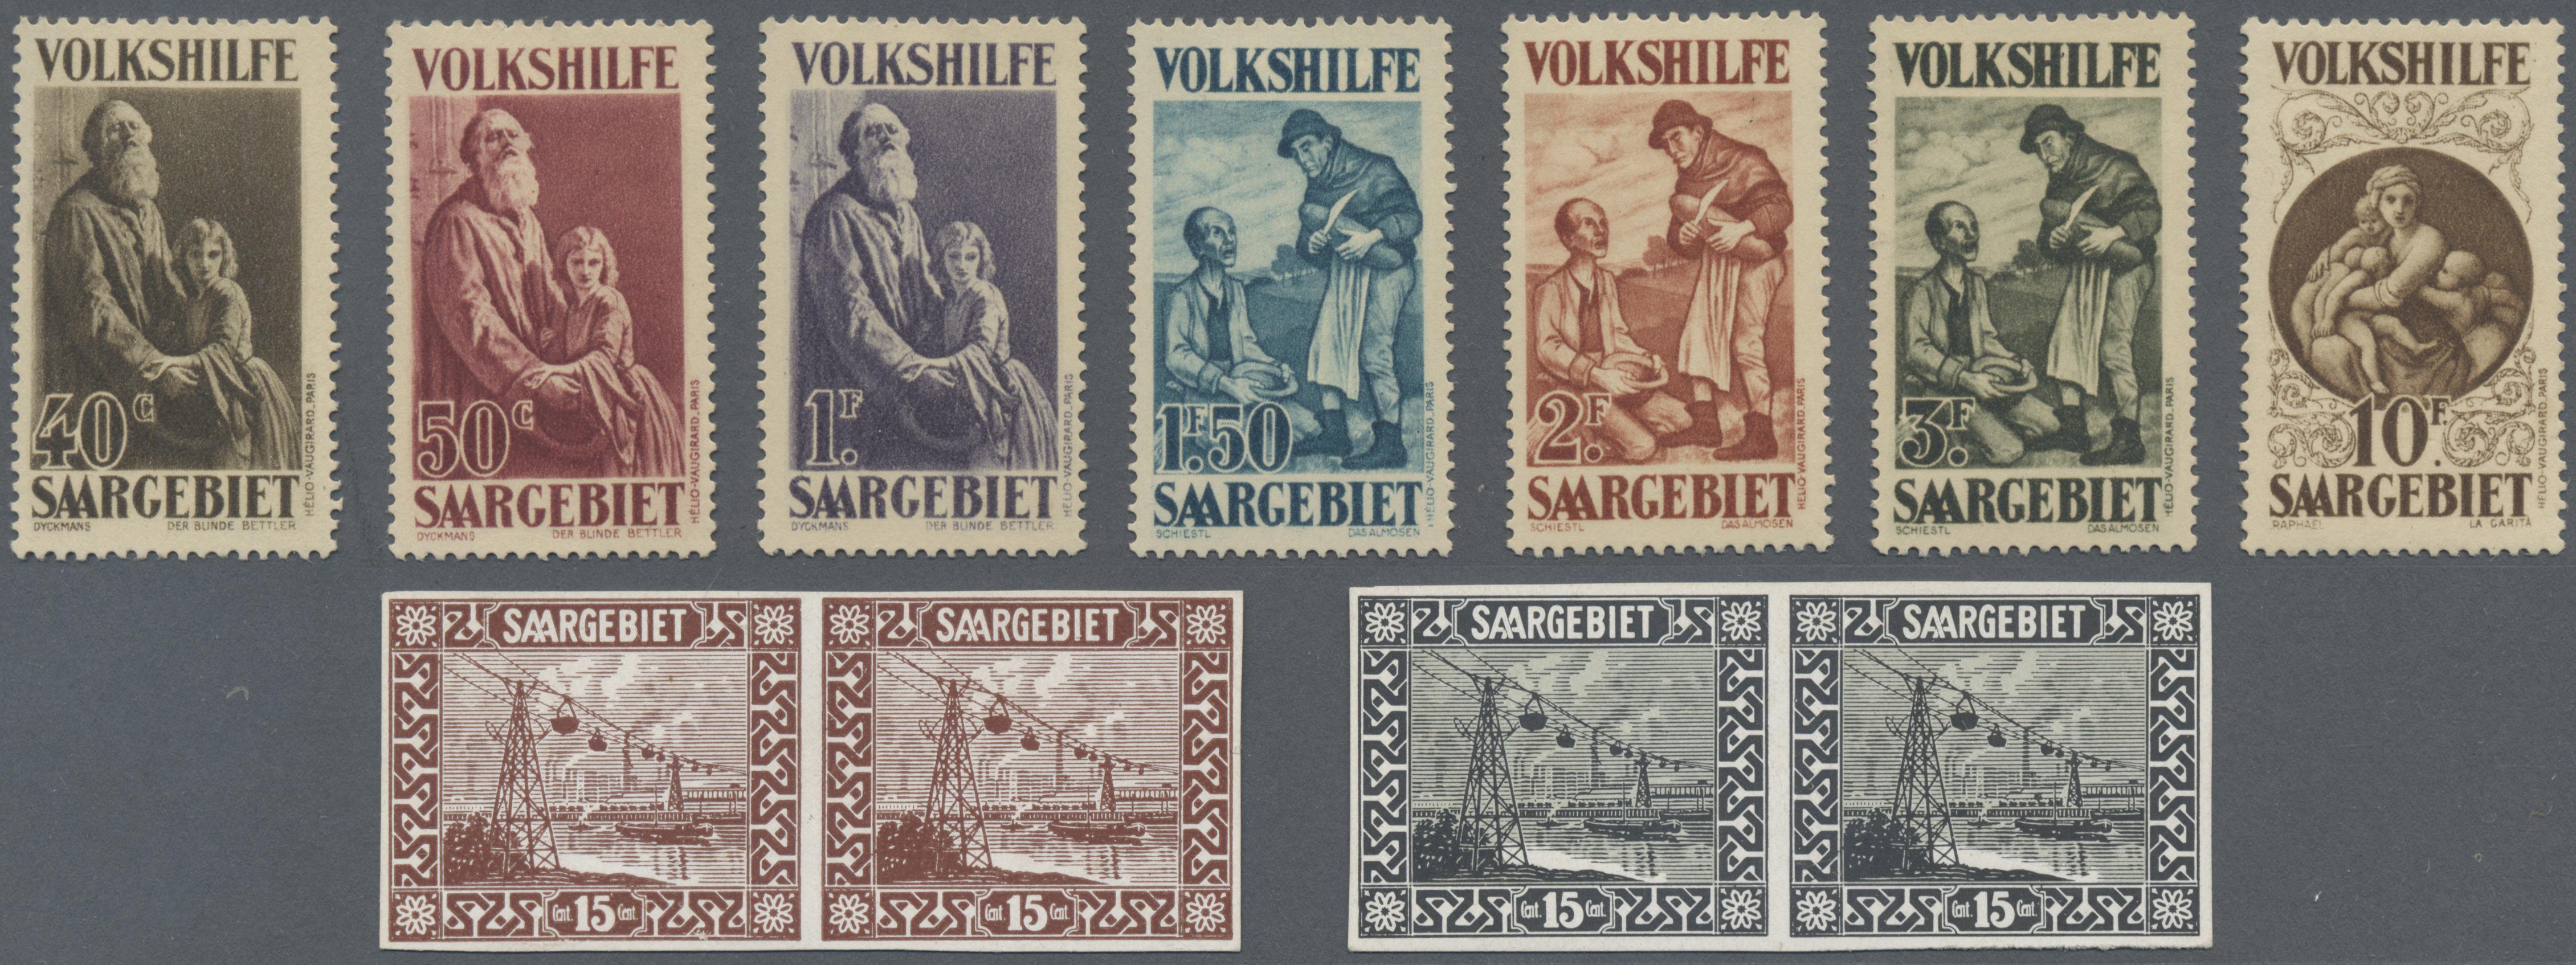 Lot 14751 - Deutsche Abstimmungsgebiete: Saargebiet  -  Auktionshaus Christoph Gärtner GmbH & Co. KG 51th Auction - Day 5